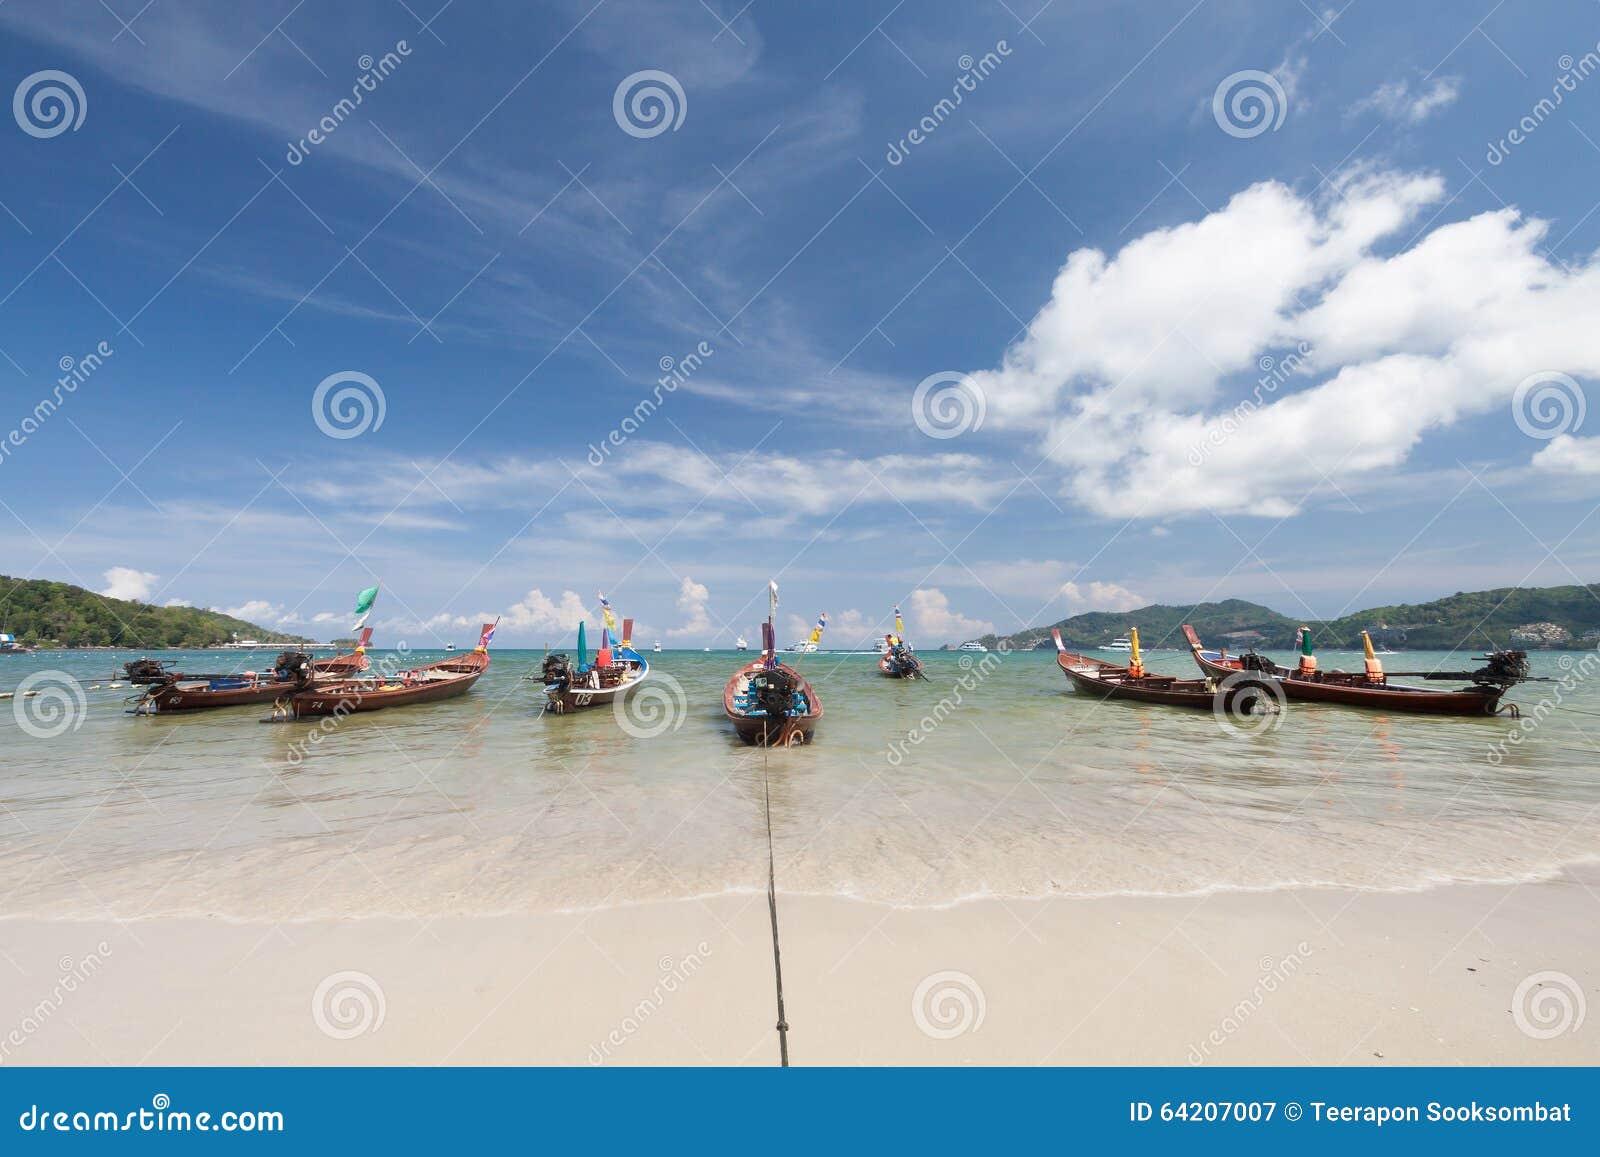 Barco tailandés tradicional de Longtail